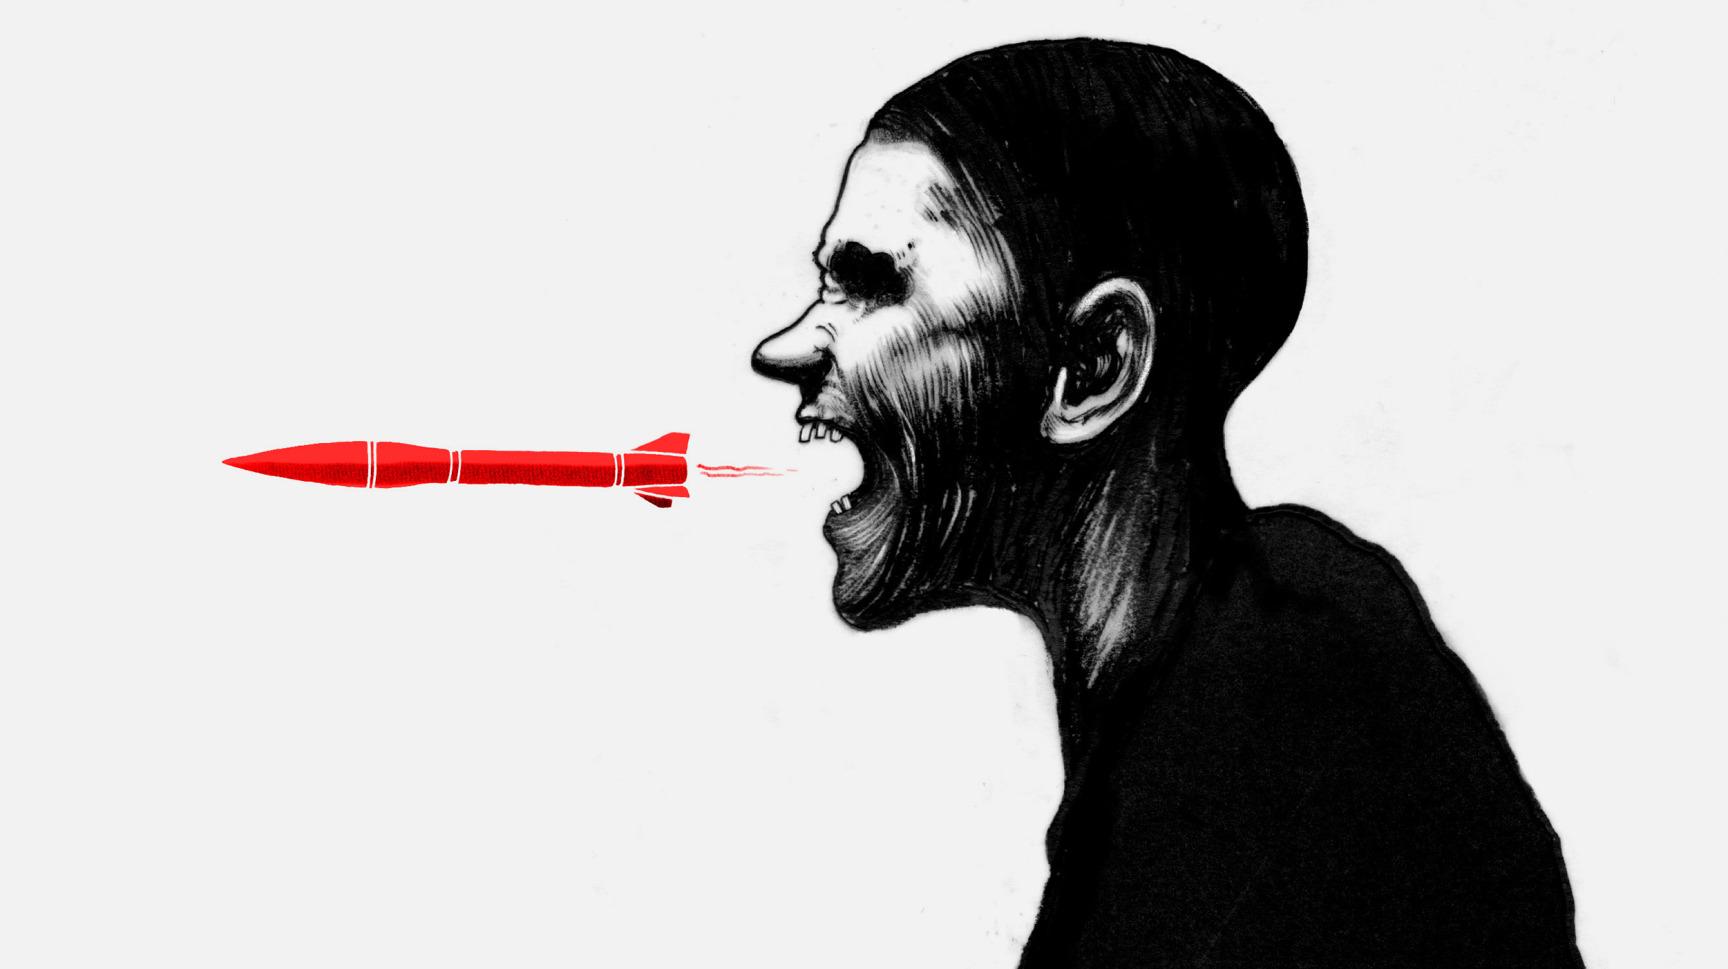 David Foldvari<br /><strong>The Guardian</strong>